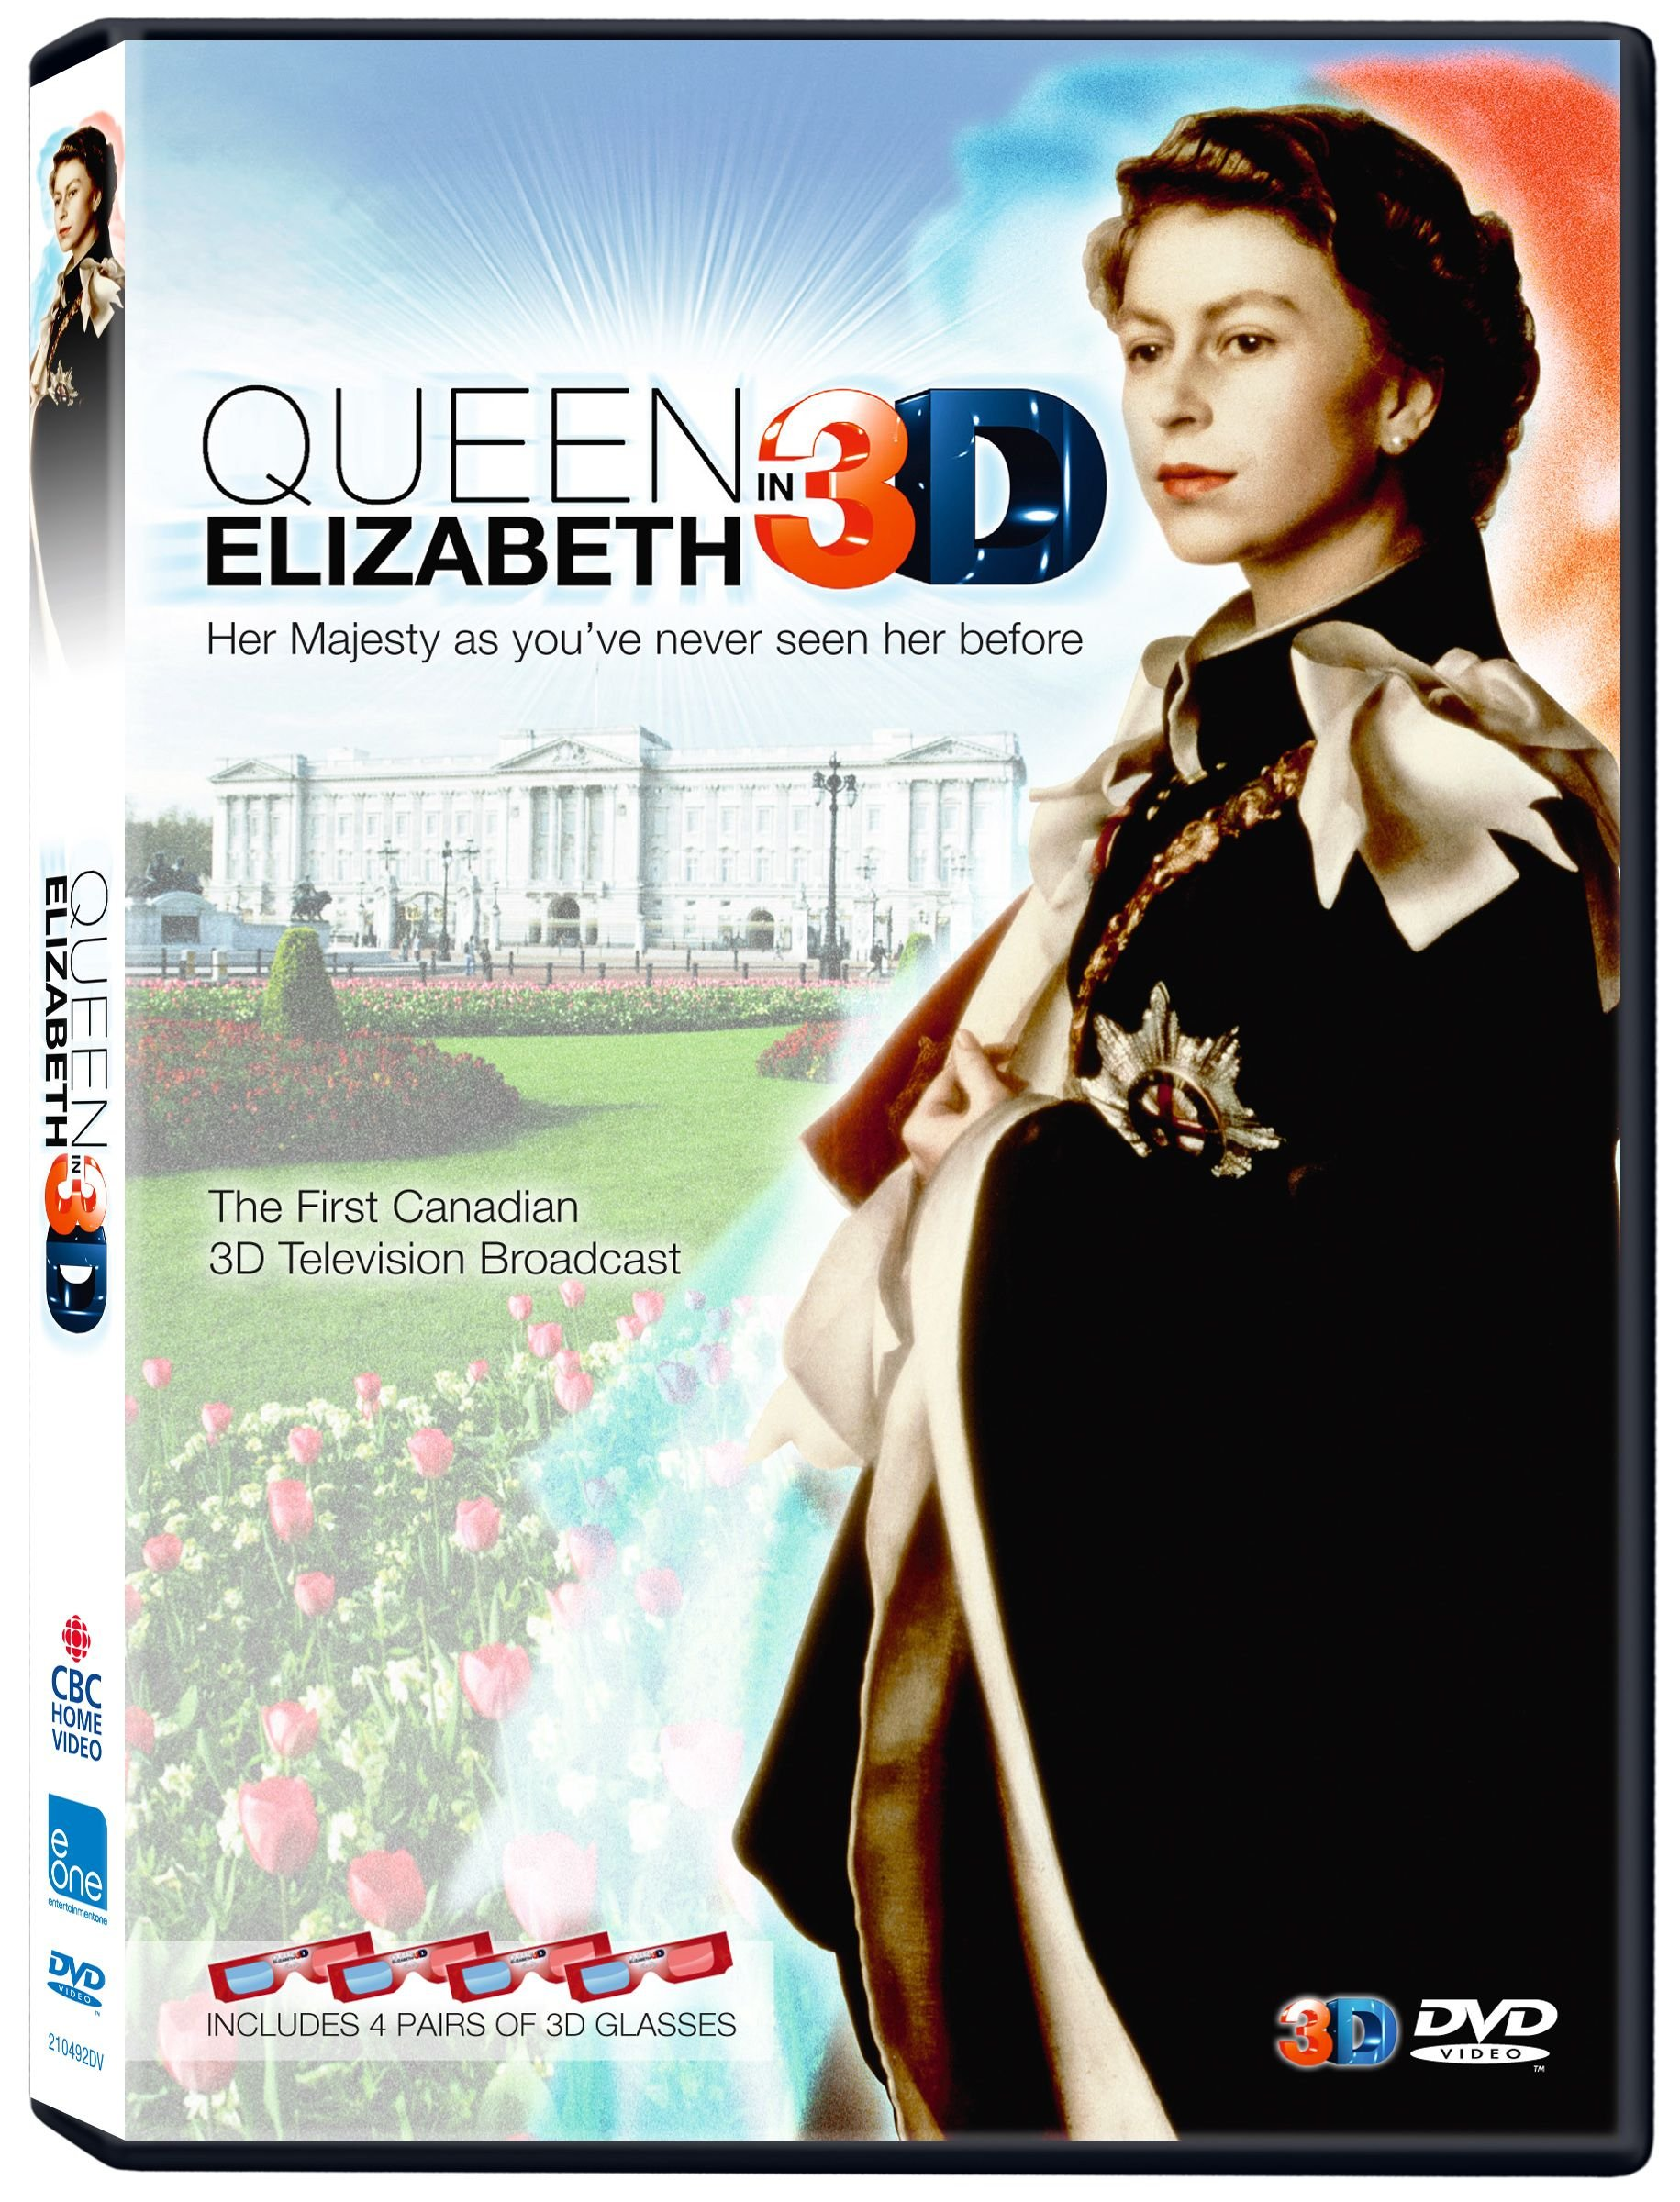 DVD : Queen Elizabeth In 3d (DVD)